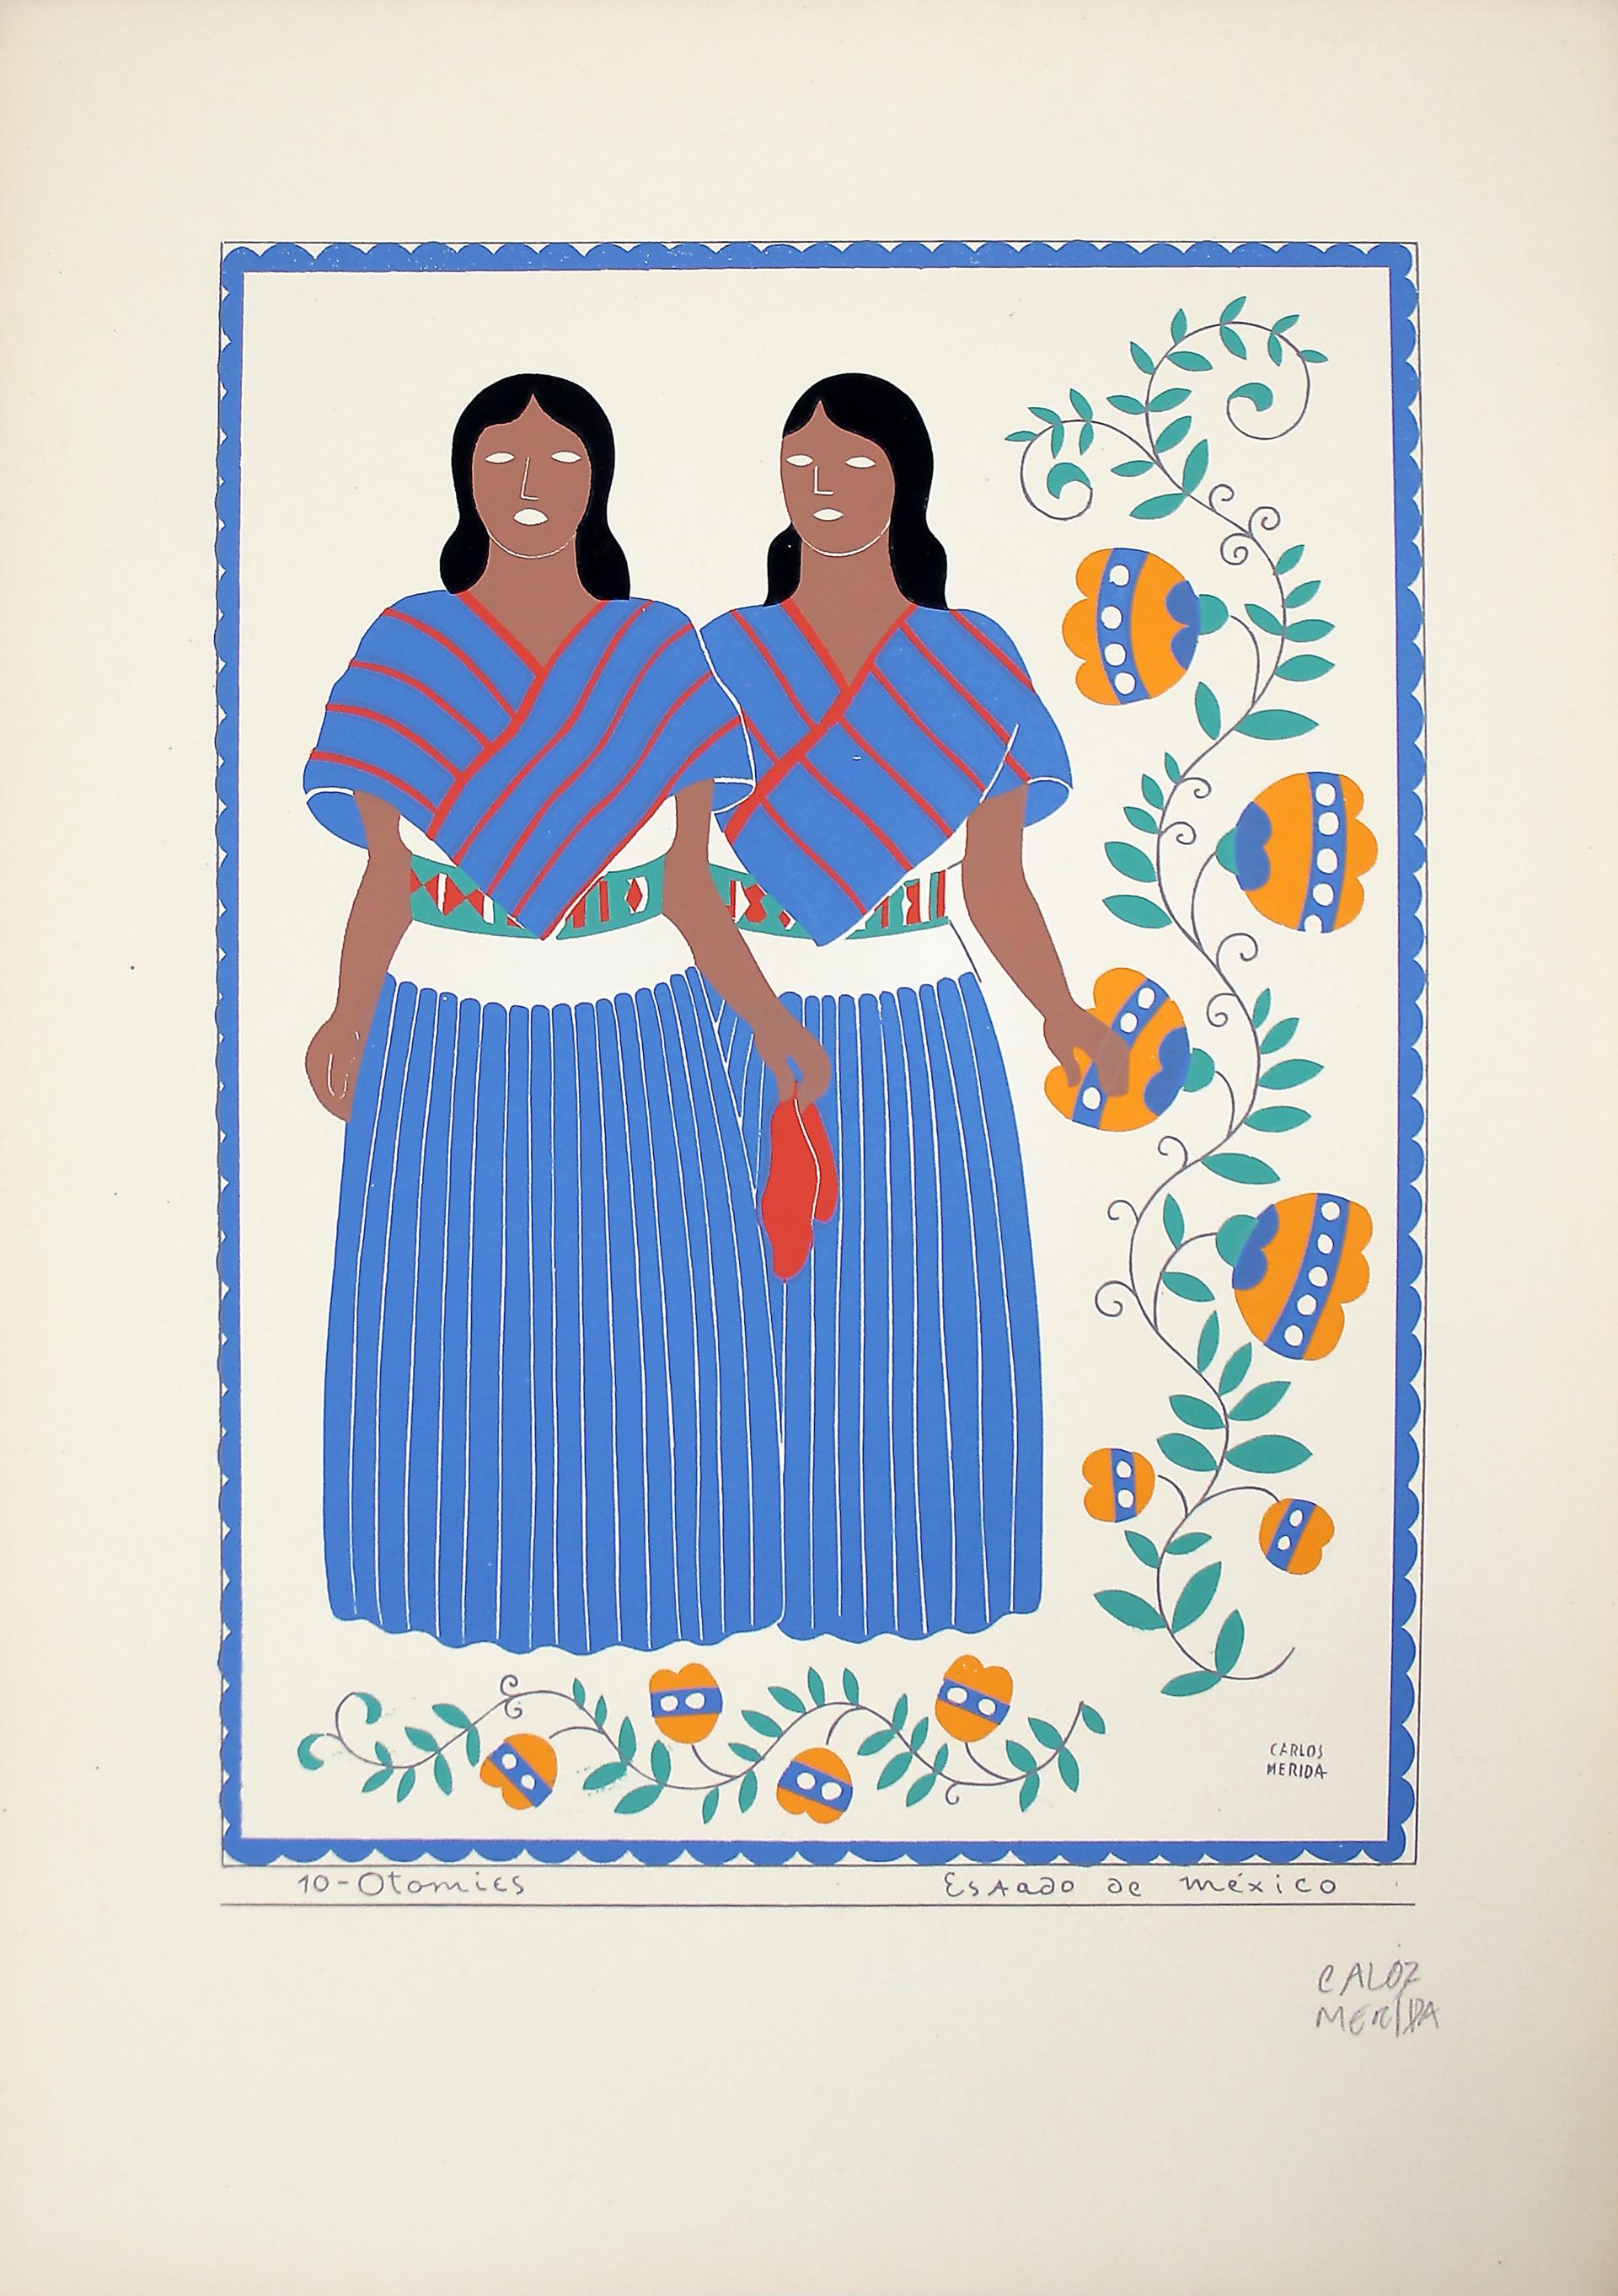 Otomíes, Estado de México by Carlos Mérida (1891 - 1985)